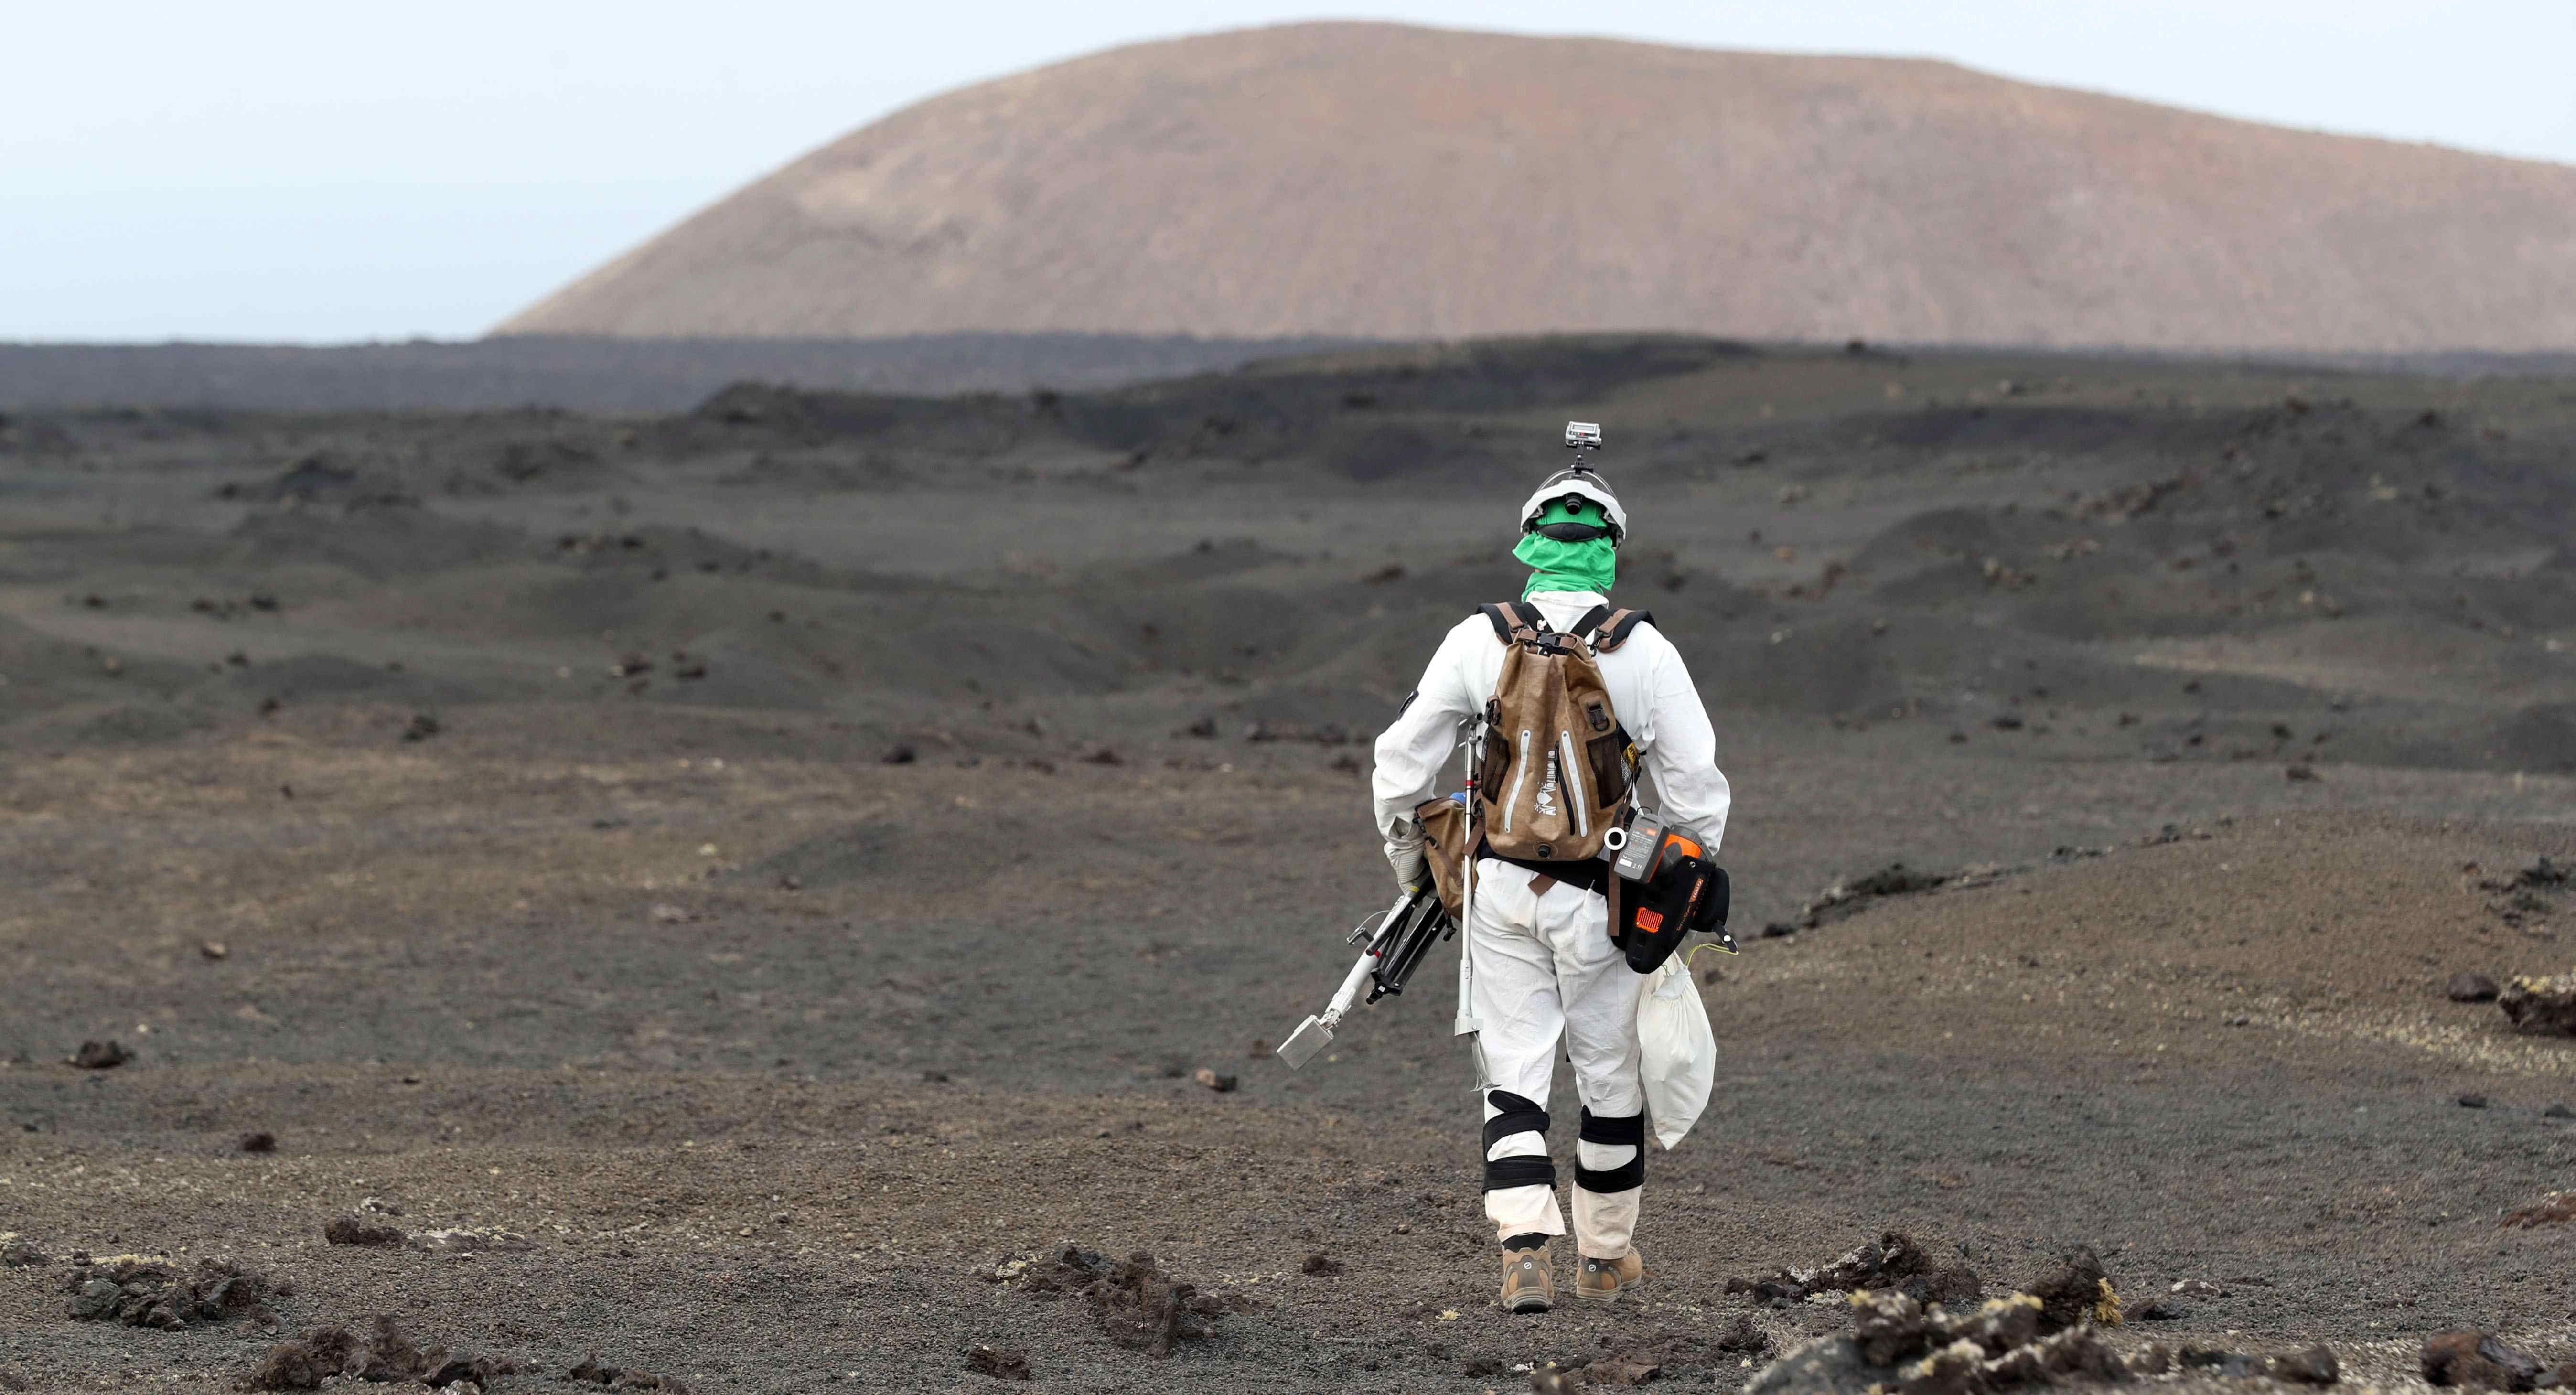 L'Agència Espacial Europea assaja a Lanzarote com seria un viatge d'any i mig a Mart. /ELVIRA URQUIJO